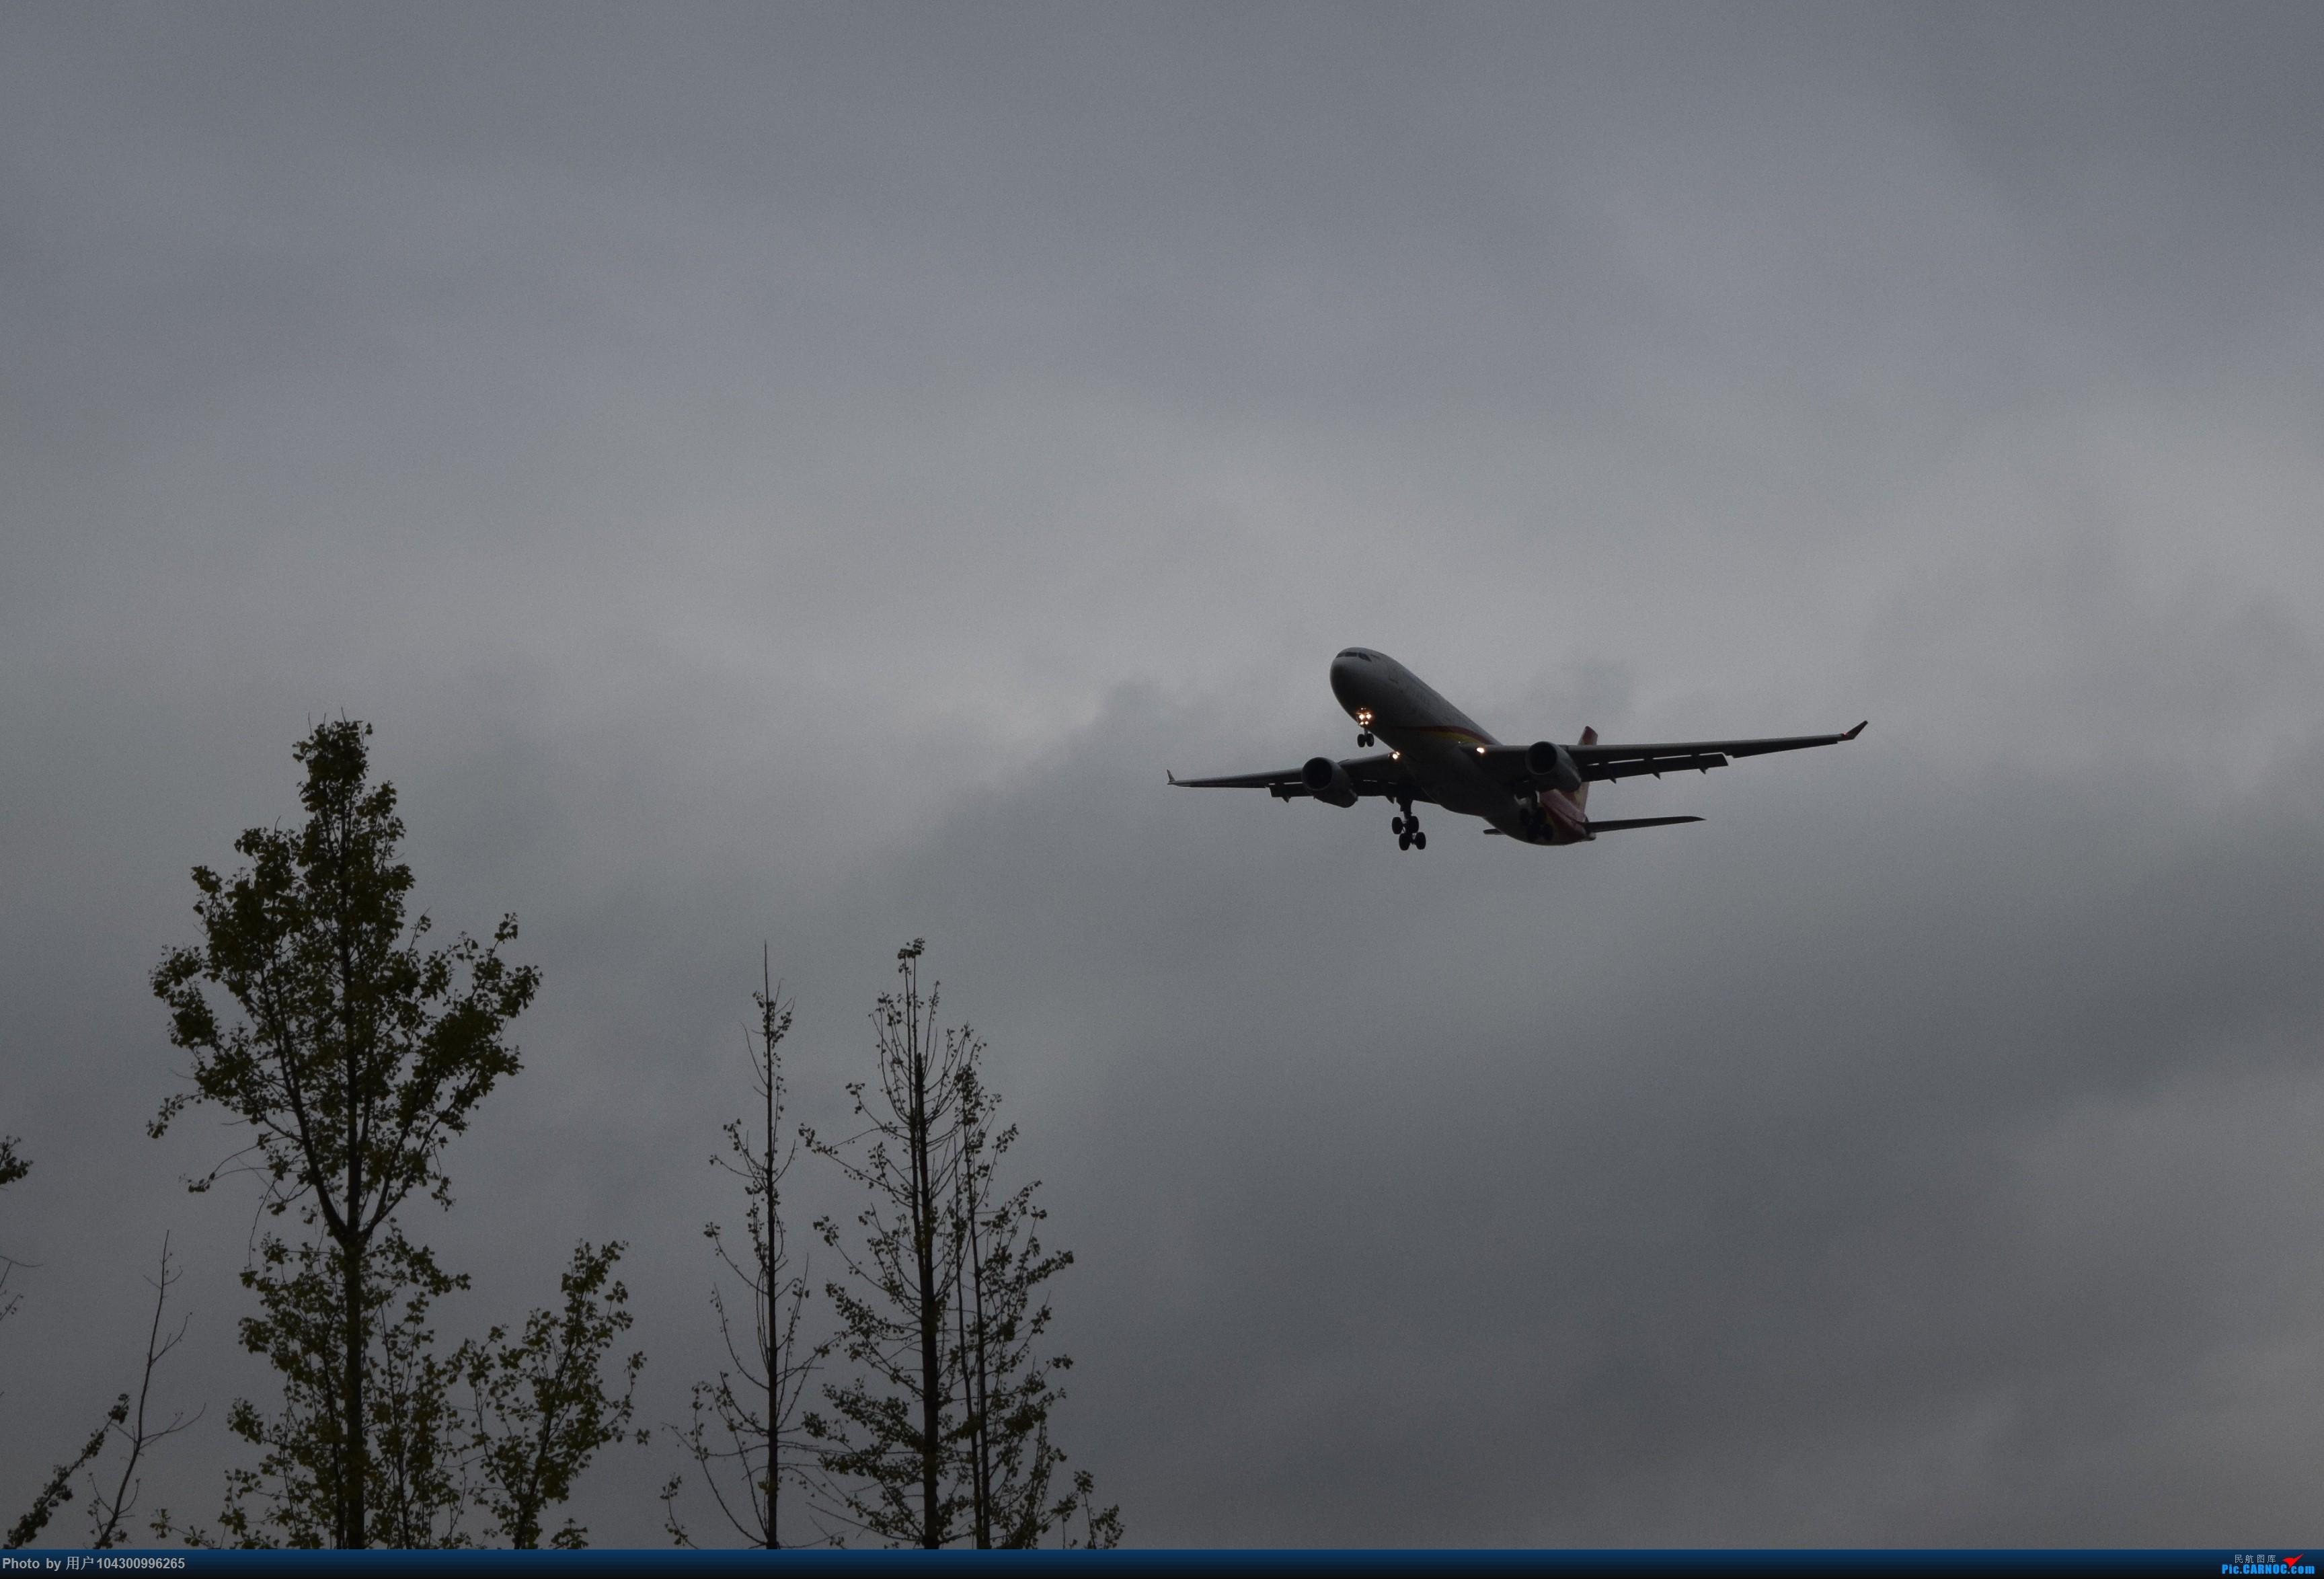 [原创]乌云、雨雾之中的贵阳龙洞堡    中国贵阳龙洞堡国际机场